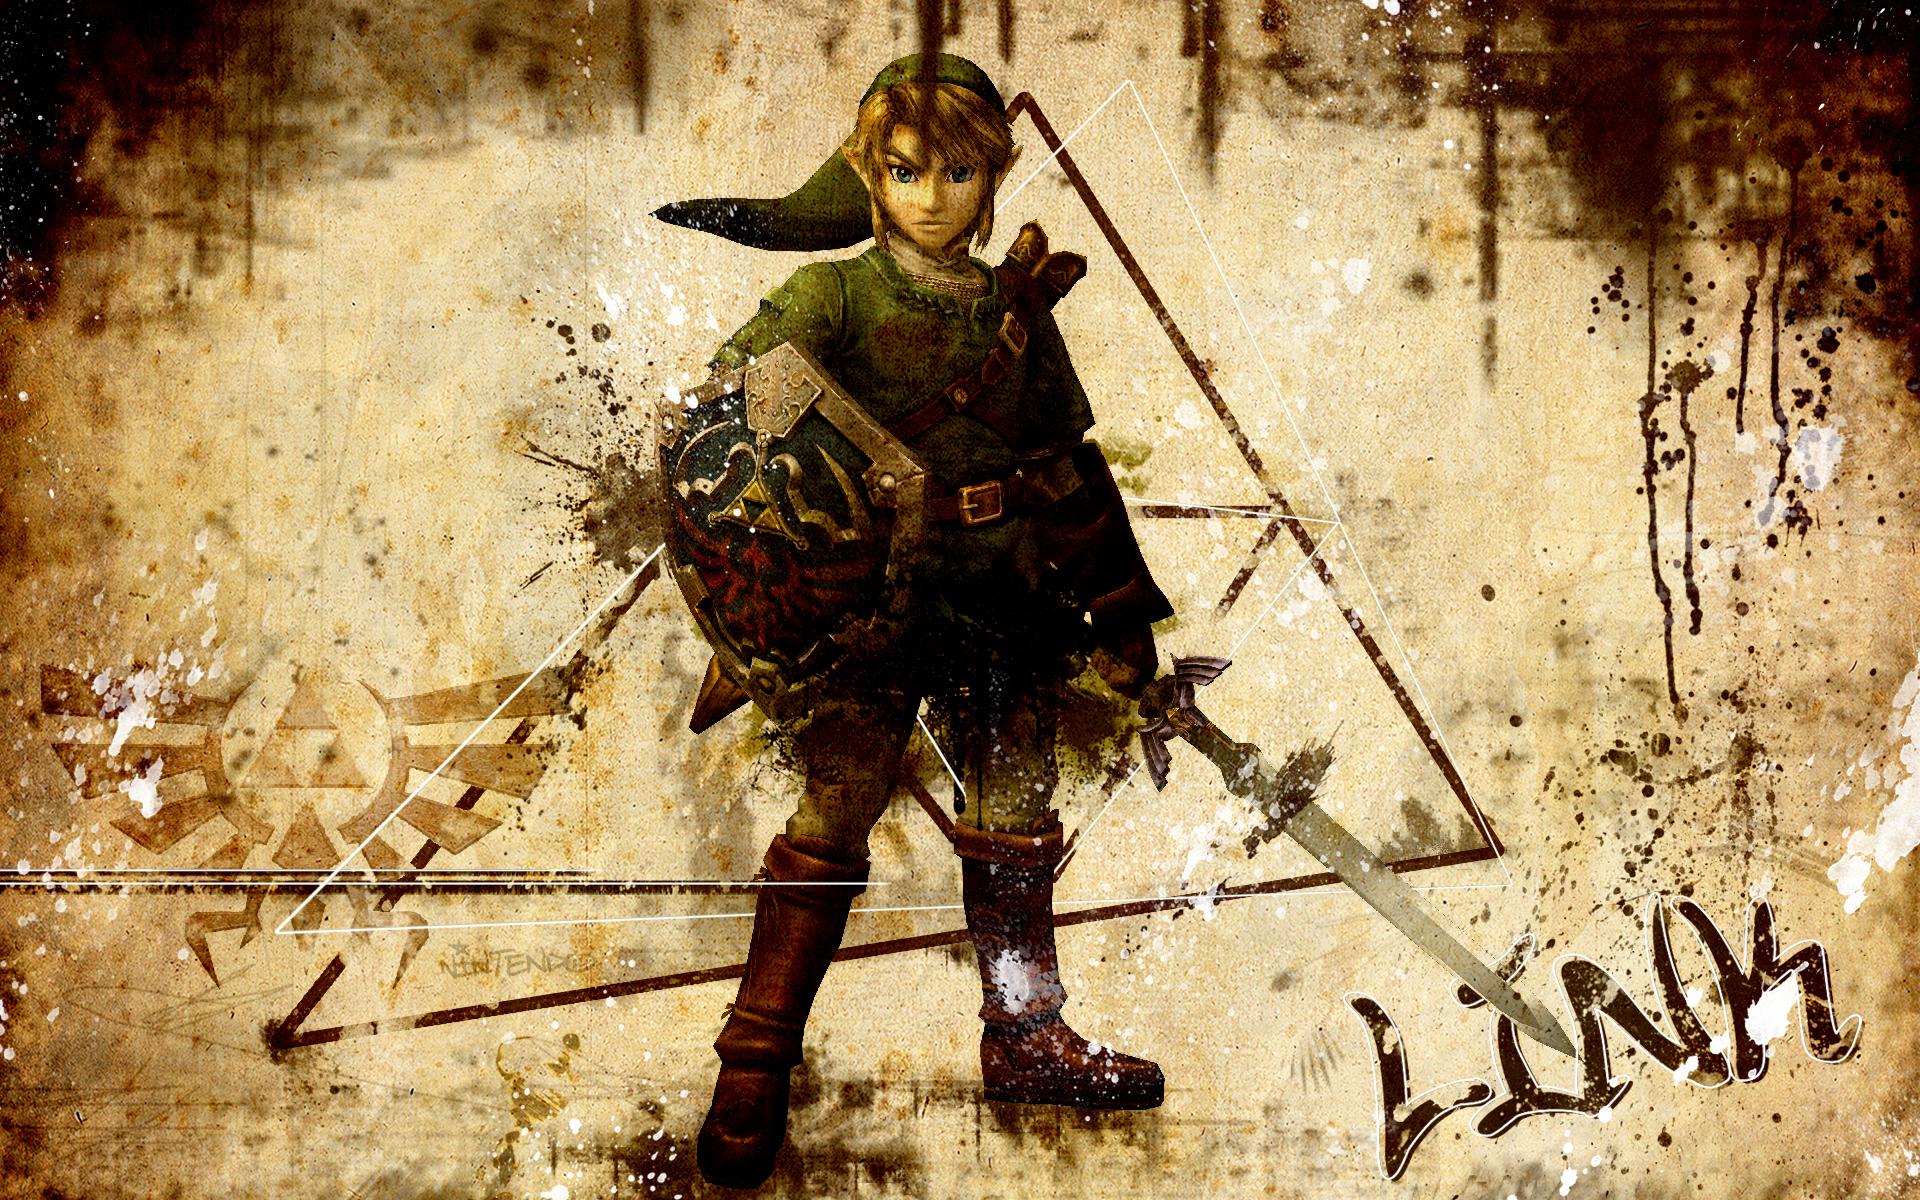 Link   The Legend of Zelda Wallpaper 2833139 1920x1200